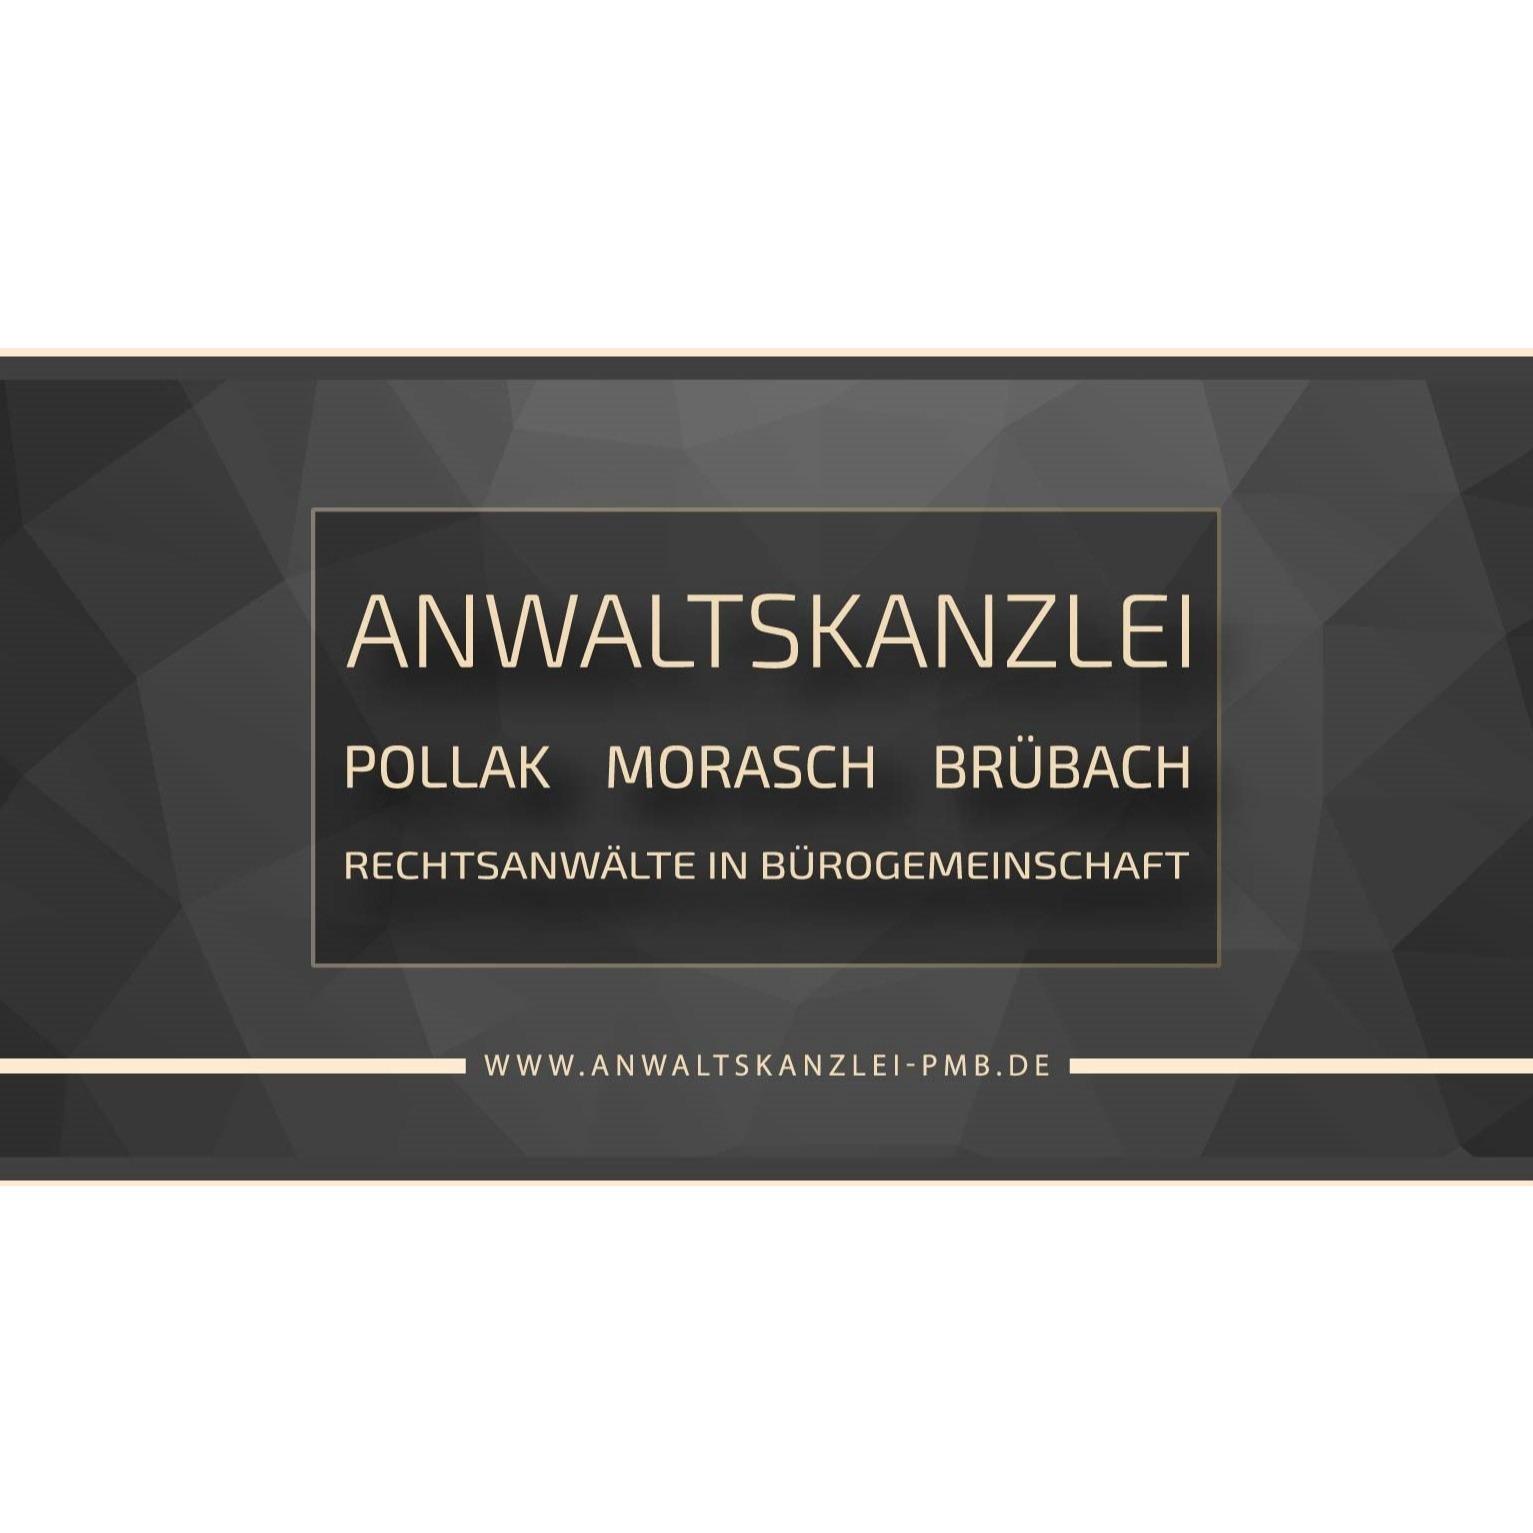 Anwaltskanzlei POLLAK MORASCH BRÜBACH